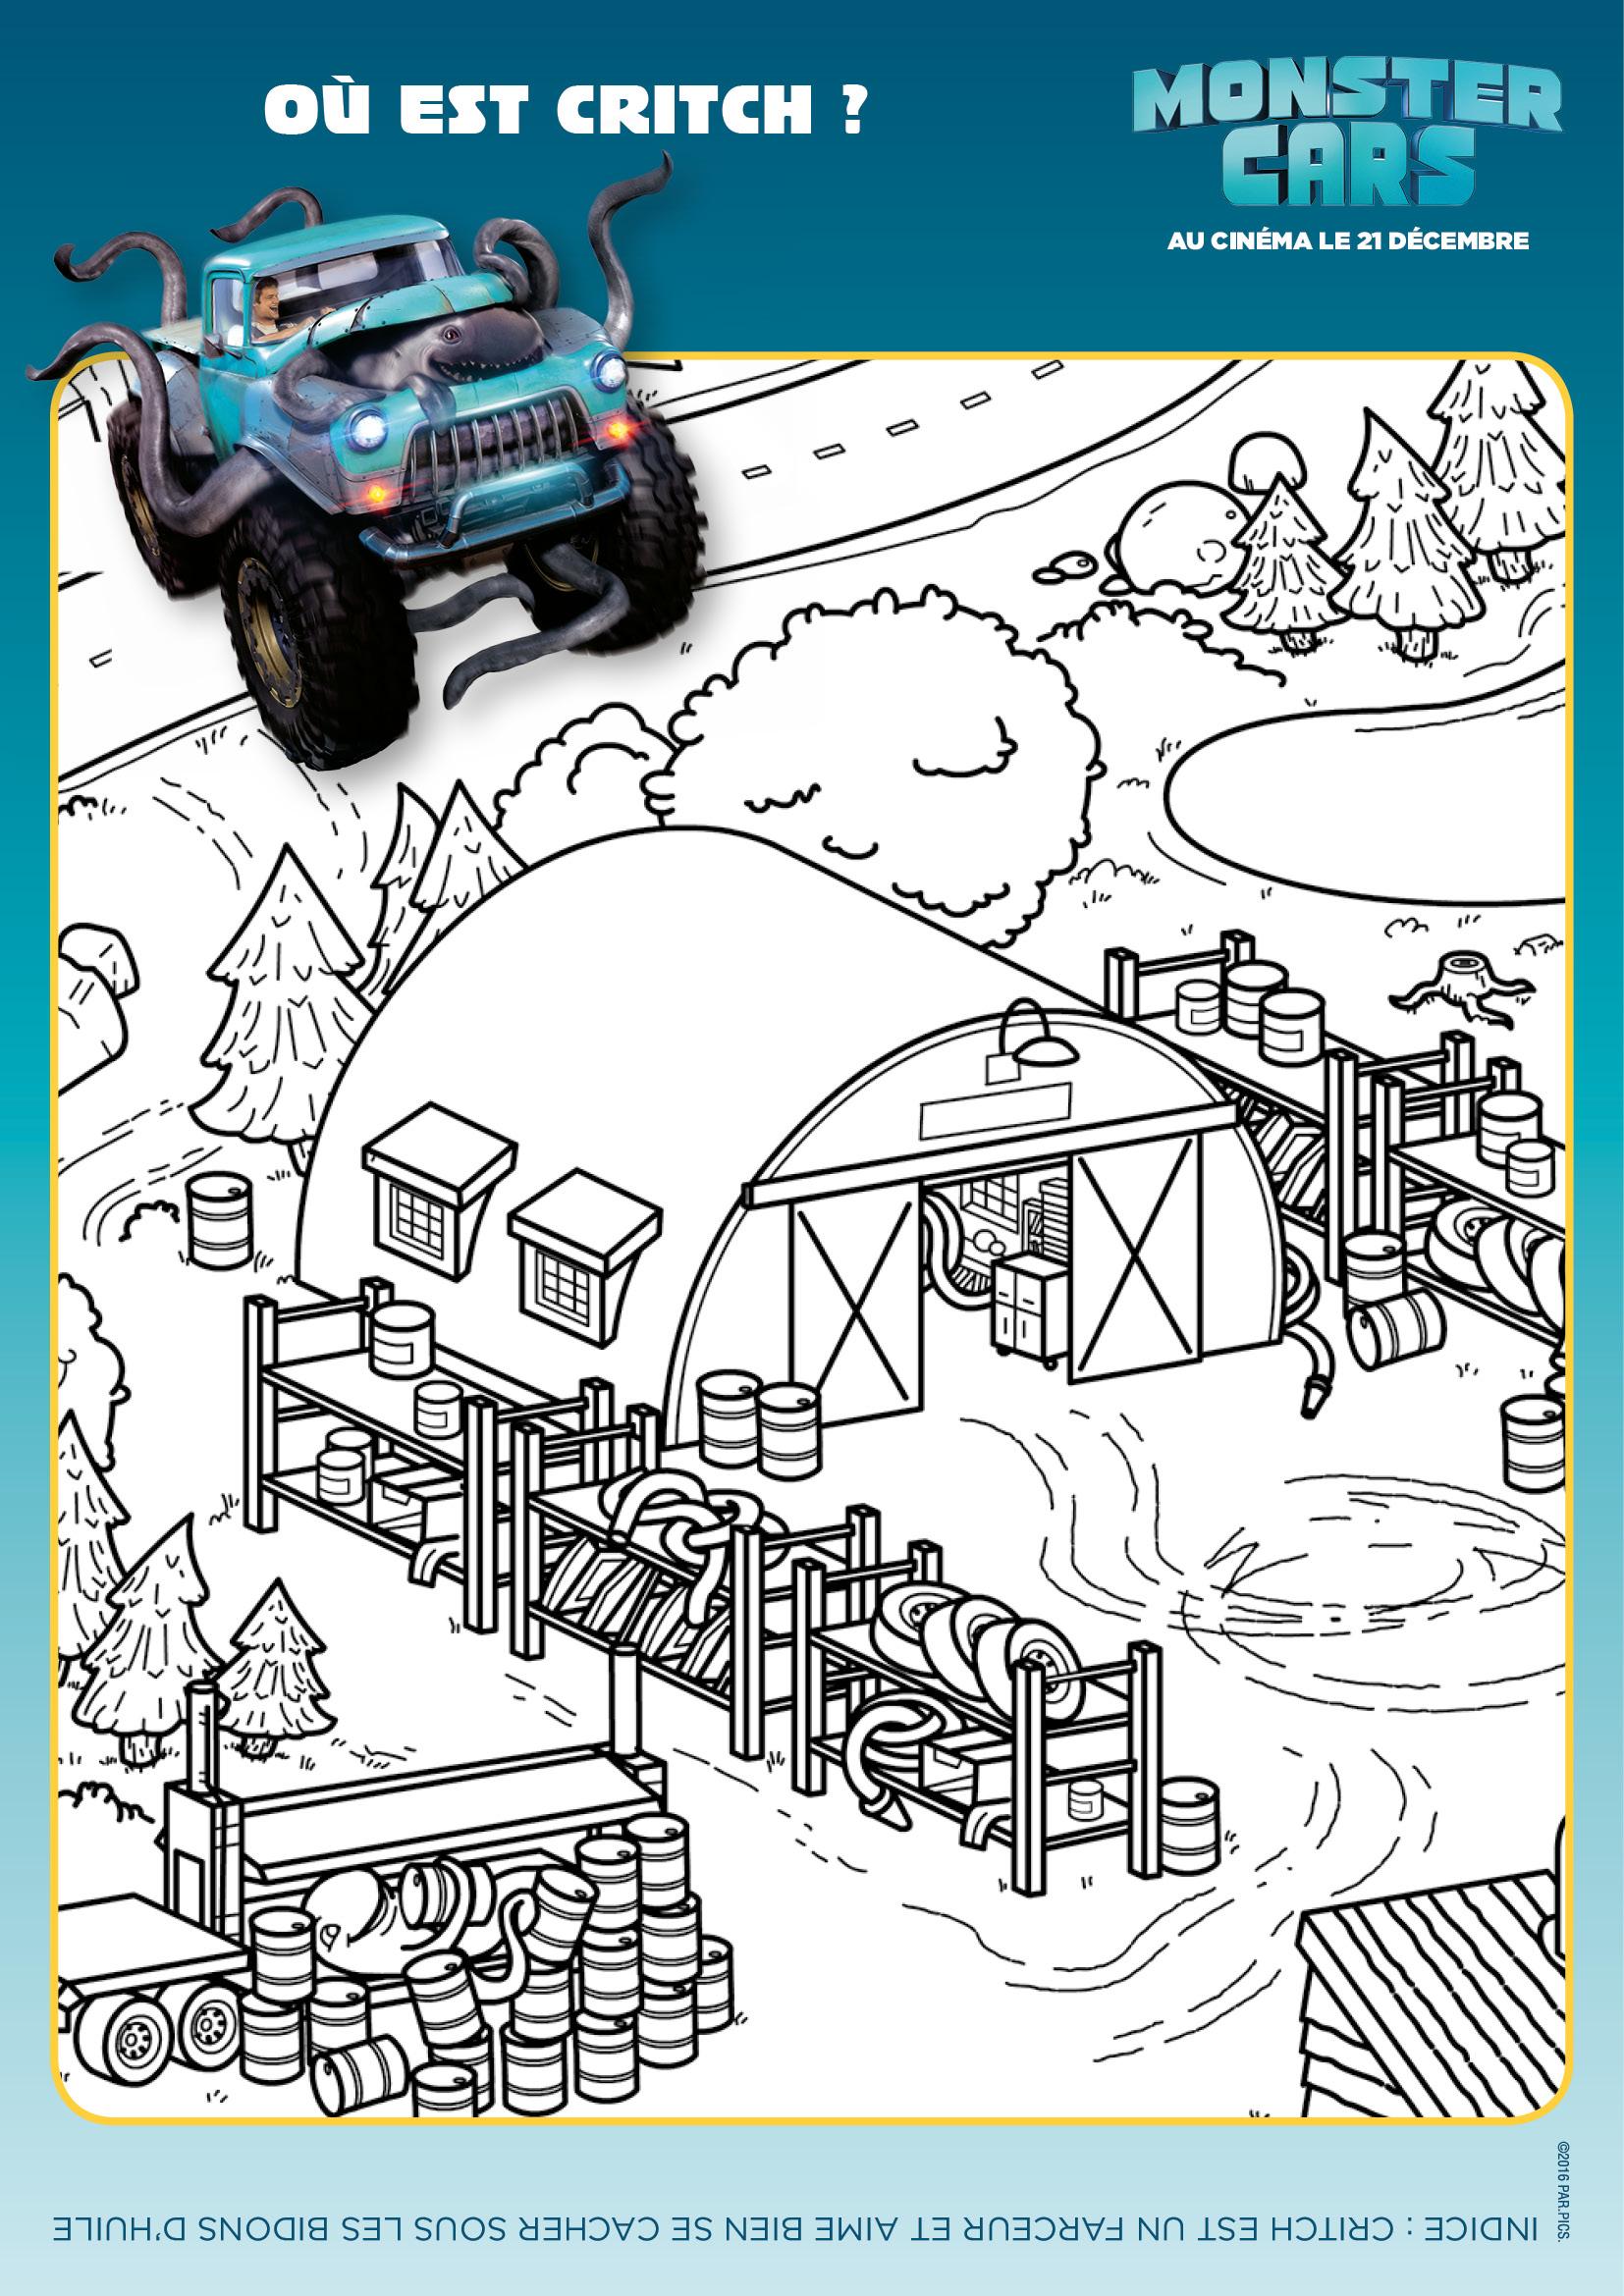 Coloriage Monster Cars - Où est Critch ?